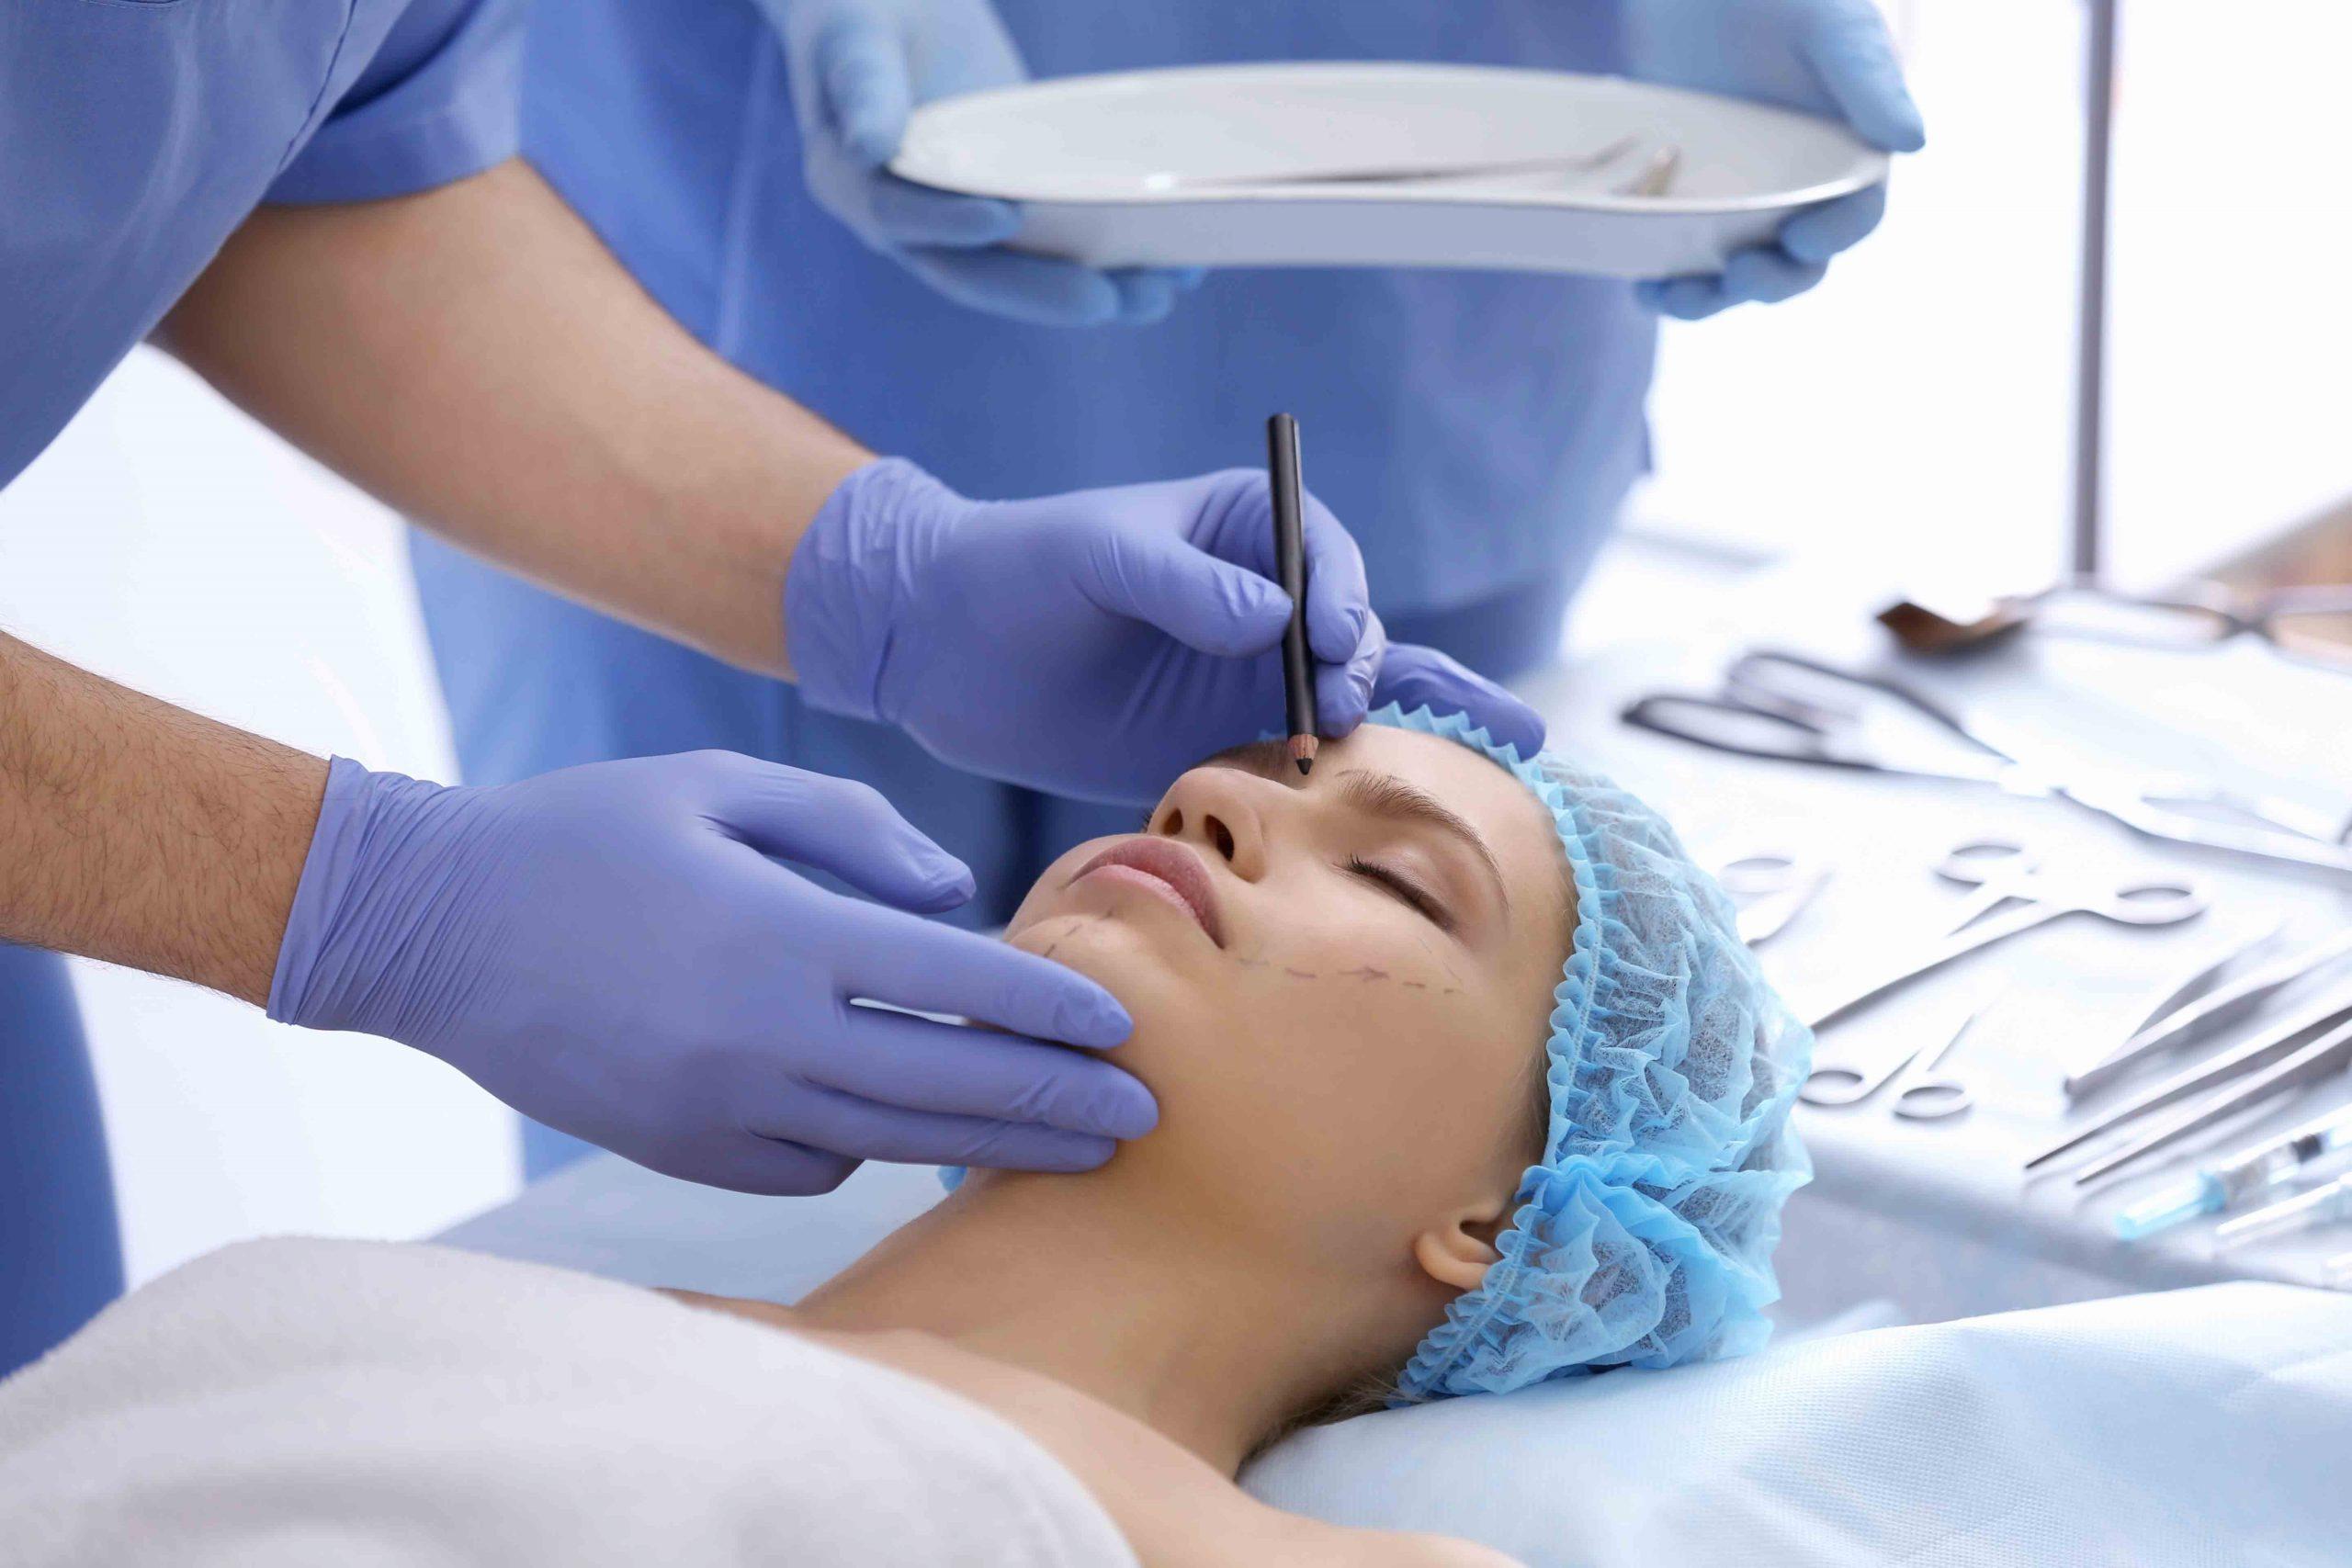 Frau wird im Gesicht operiert / Rekonstruktive Gesichtschirurgie / Dr. Zierhofer-Tonar, 1010 Wien